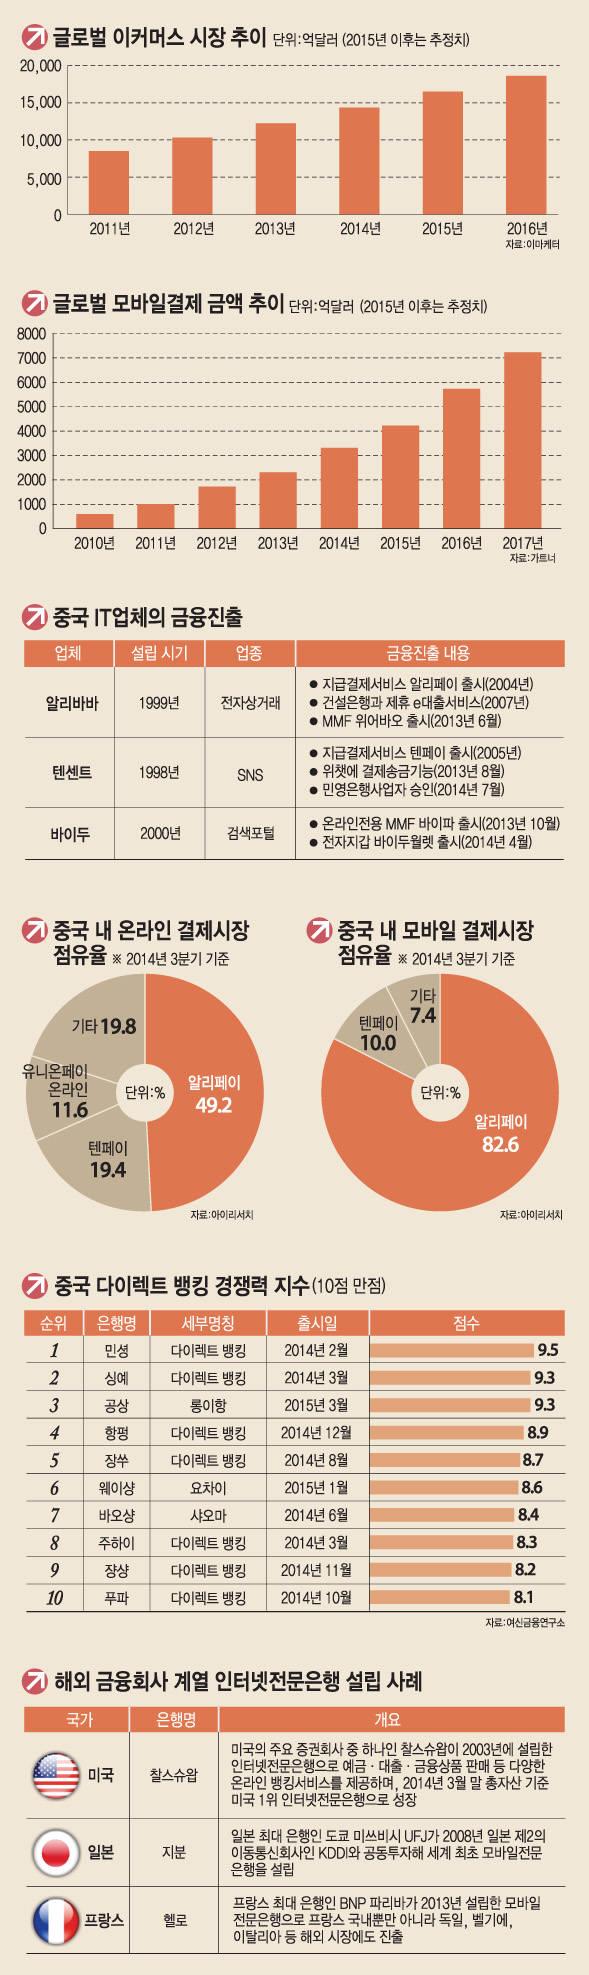 [차이나 특별기획]<7>핀테크 '앞서가는 중국, 뒤따르는 한국'